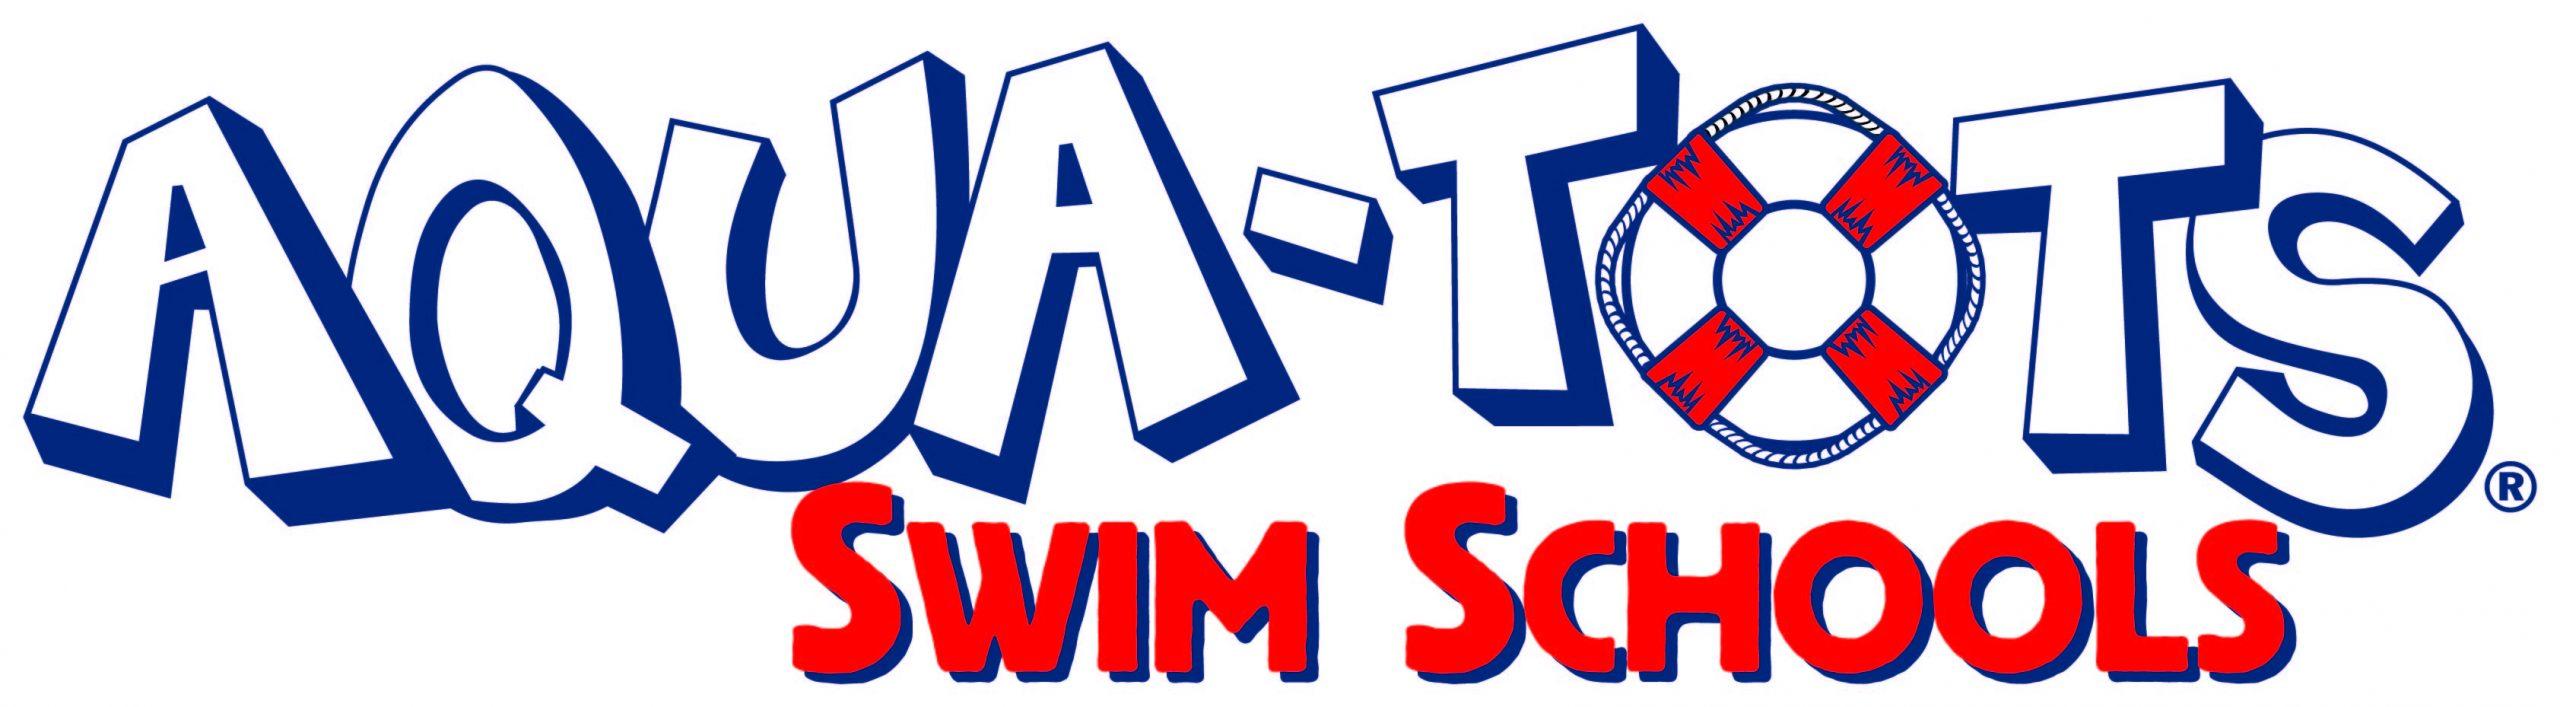 Aqua Tots - Swim Schools